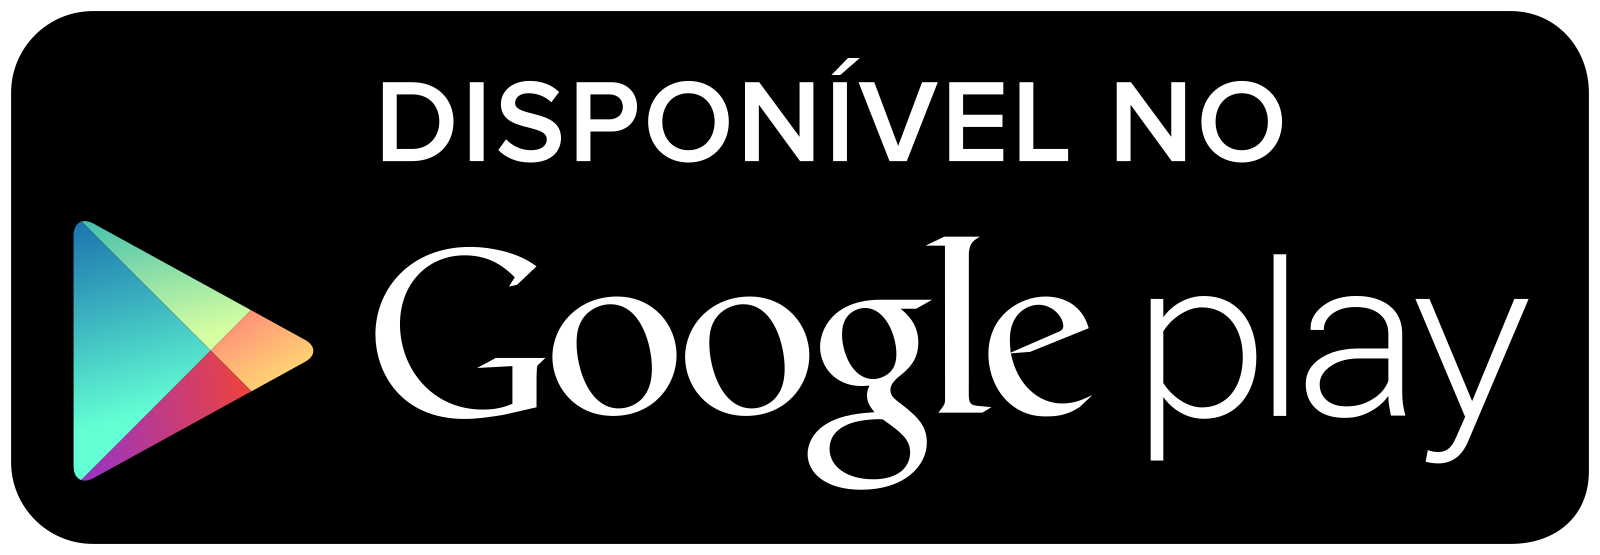 Botão Disponível no Google Play Logo.